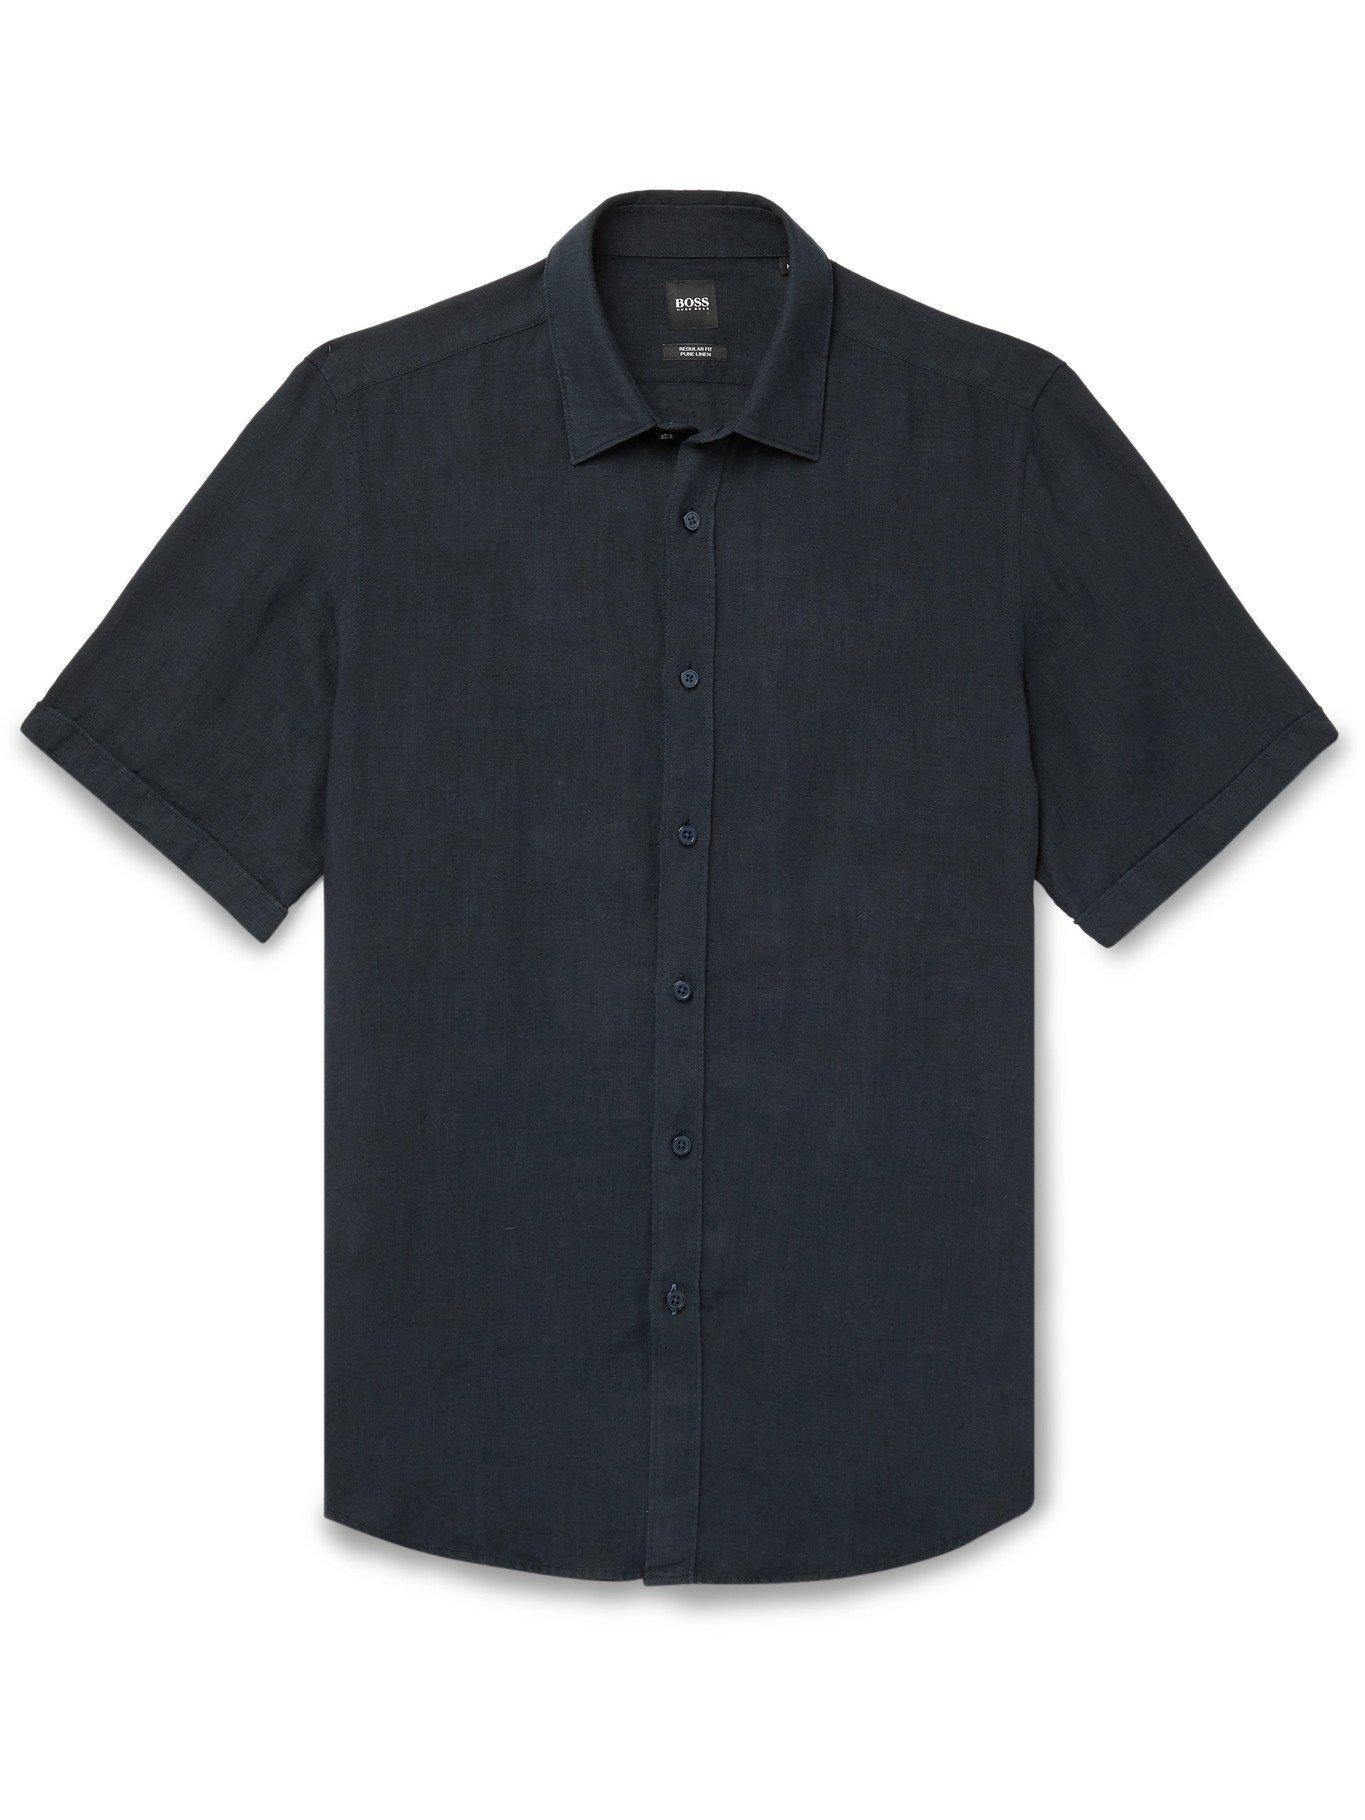 HUGO BOSS - Linen Shirt - Blue